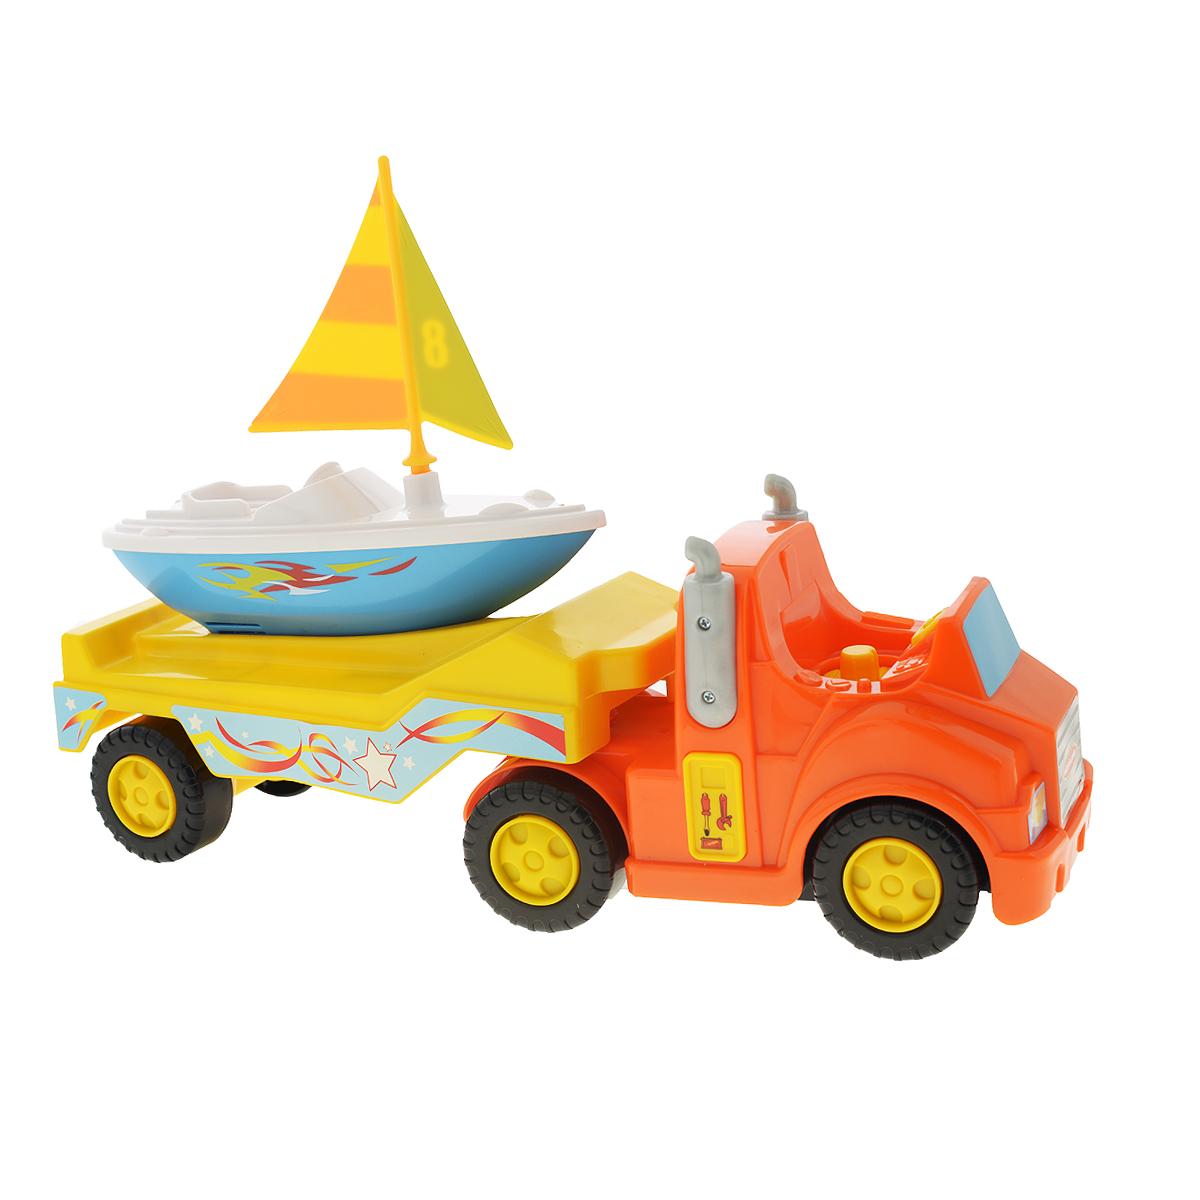 Kiddieland Развивающая игрушка Трейлер с яхтой игрушка на радиоуправлении яхта с парусом